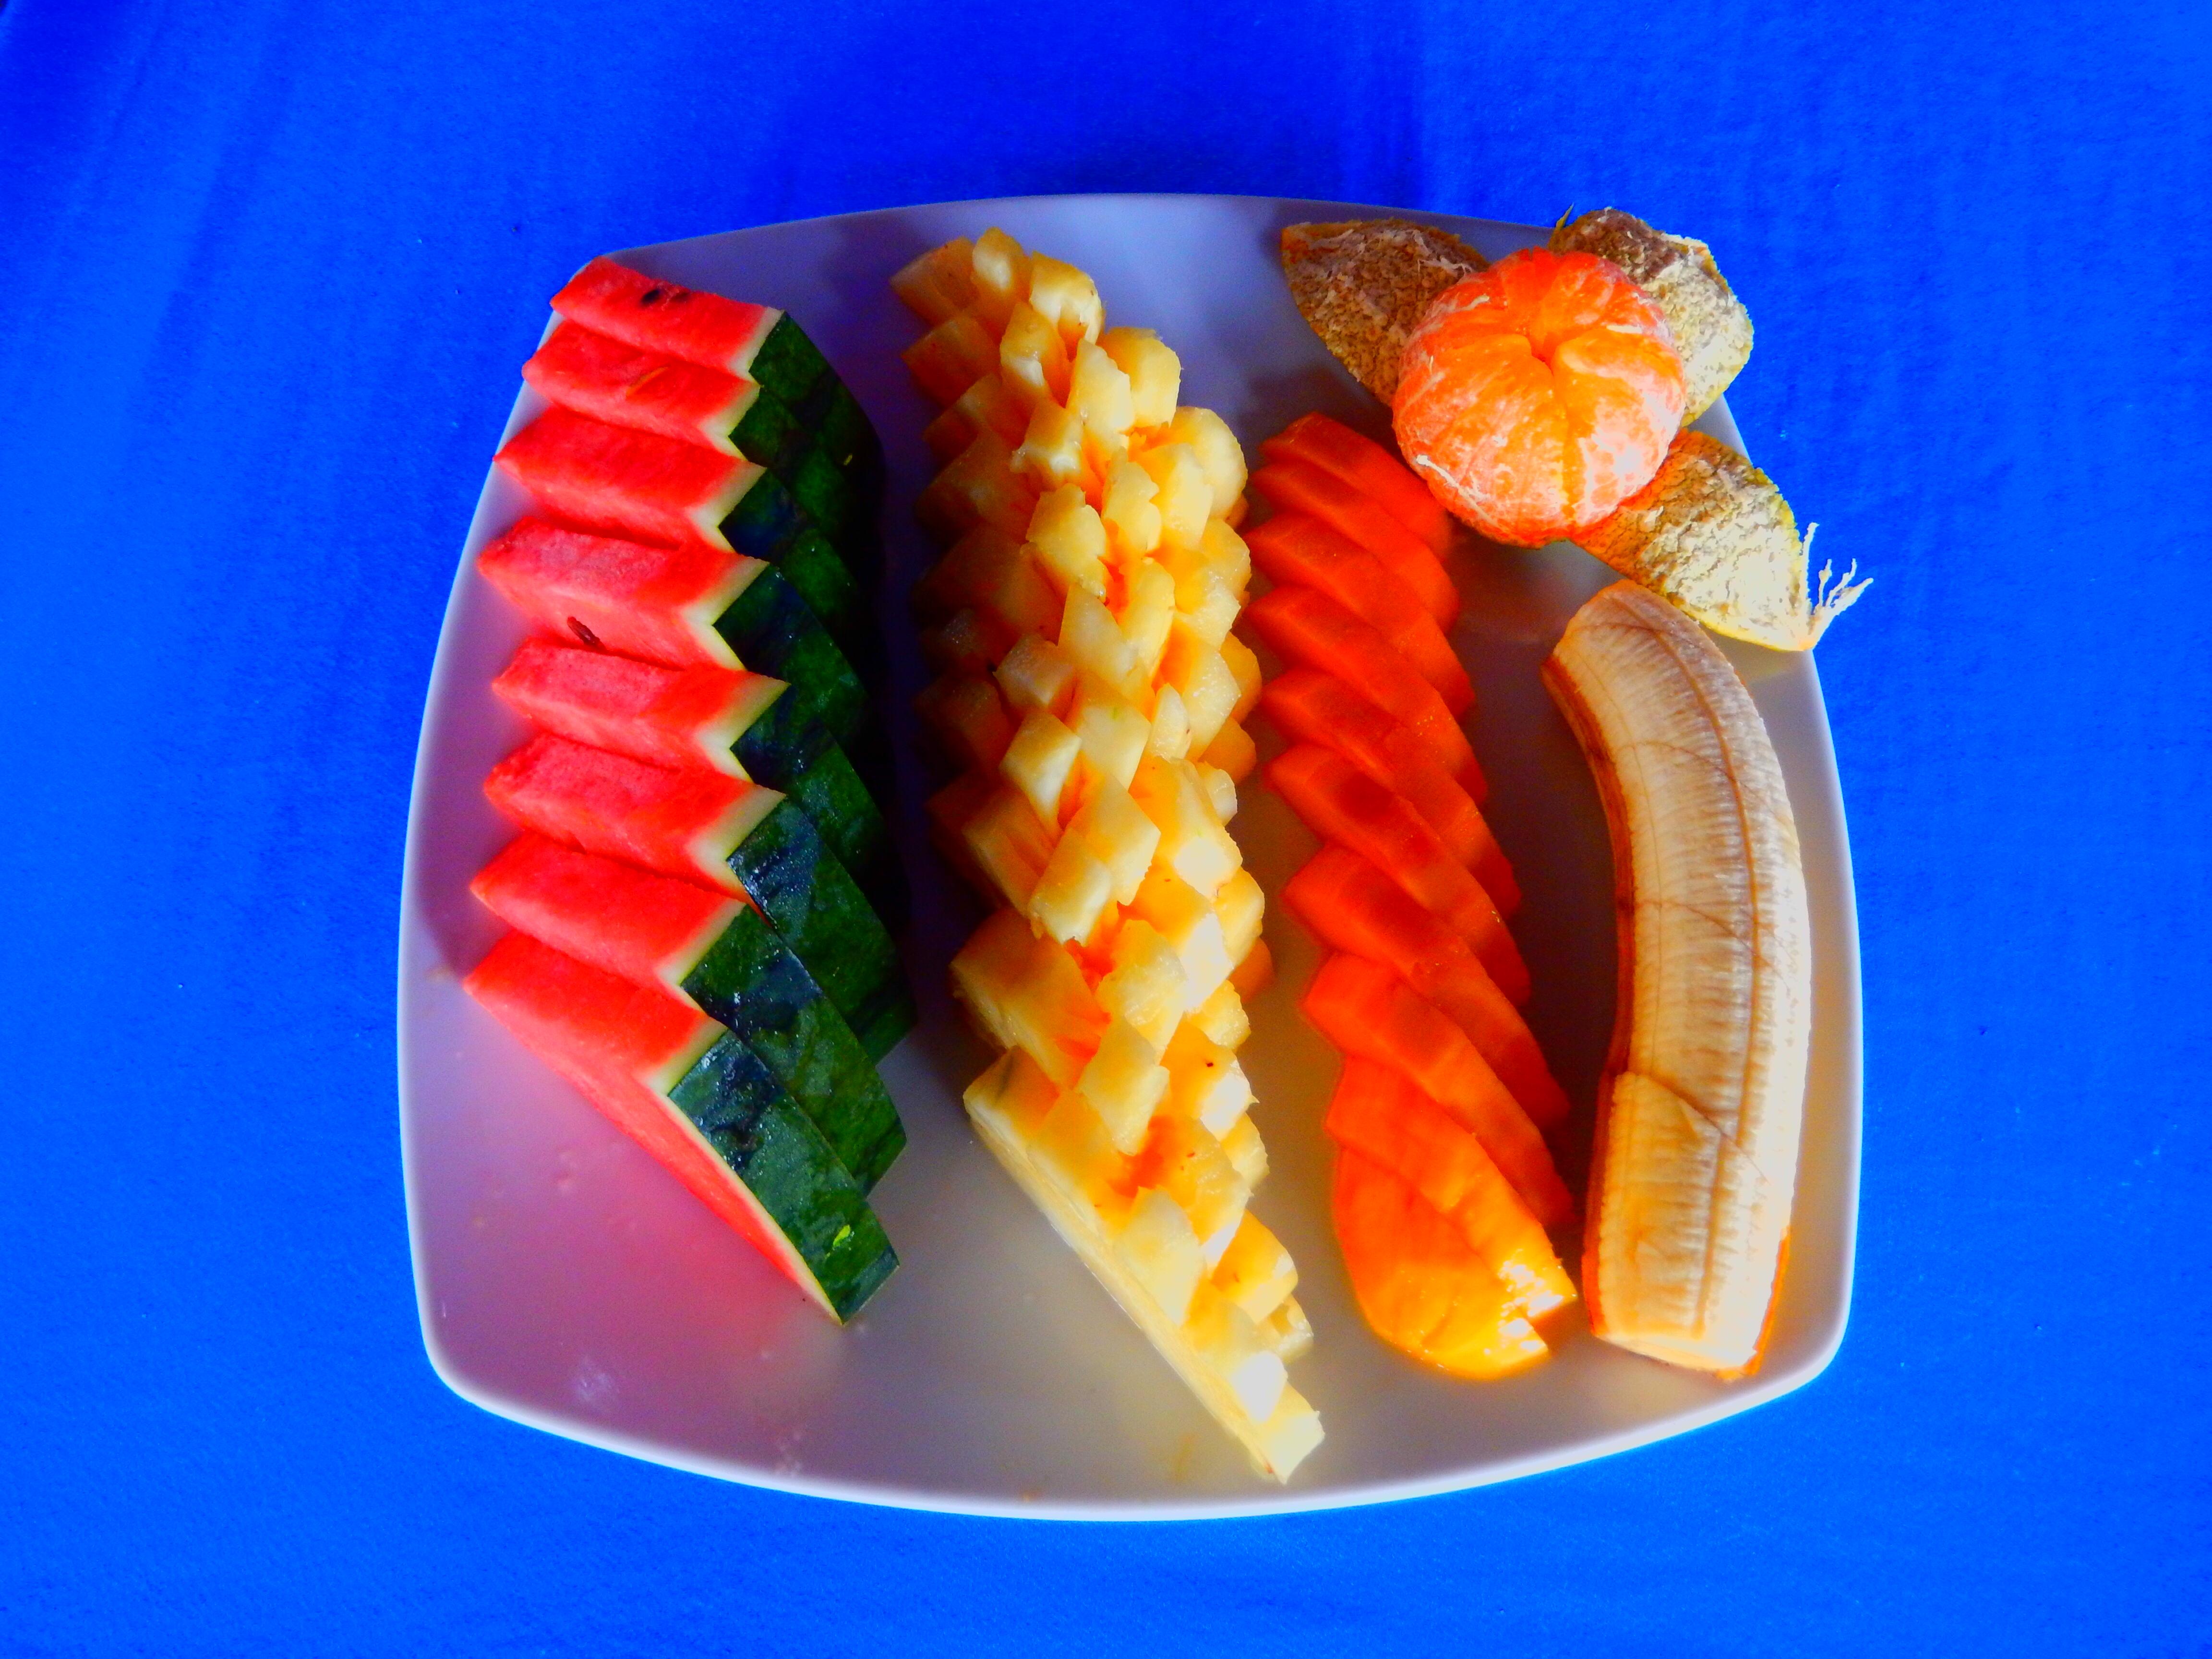 Assiette de fruits locaux, Phuket